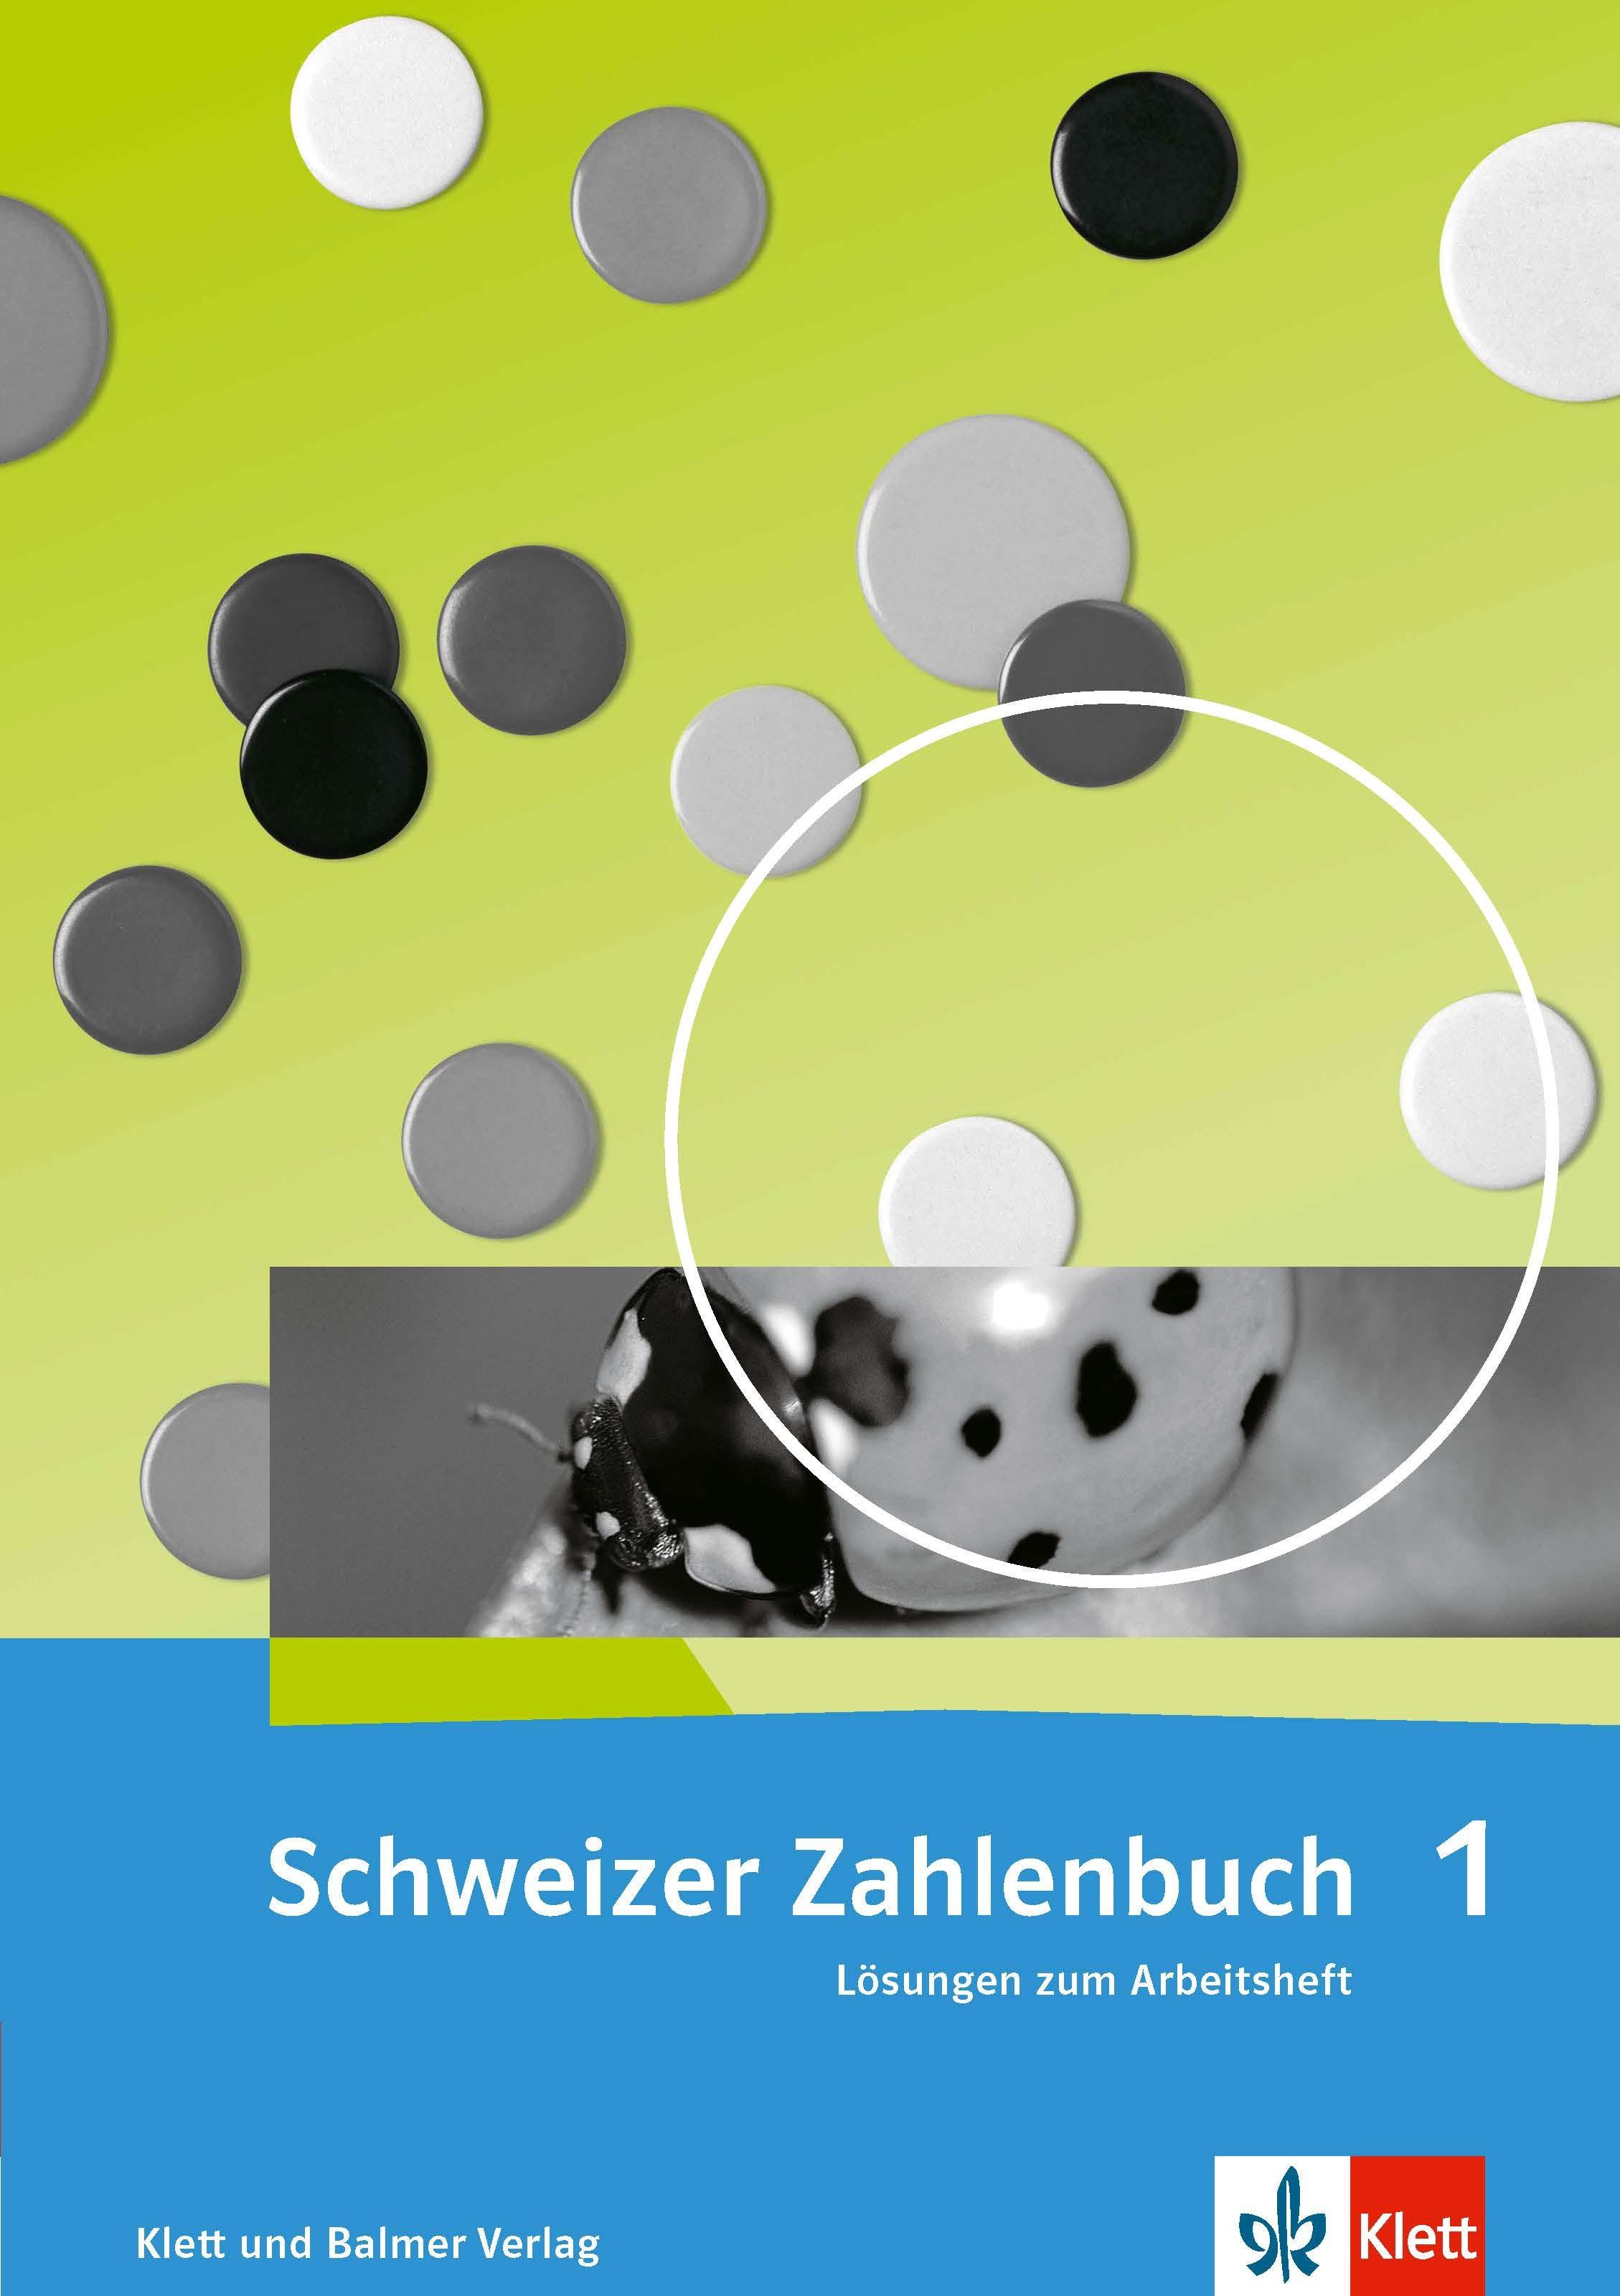 Schweizer Zahlenbuch 1 Lösungen zum Arbeitsheft 978 3 264 84702 4 klett und balmer